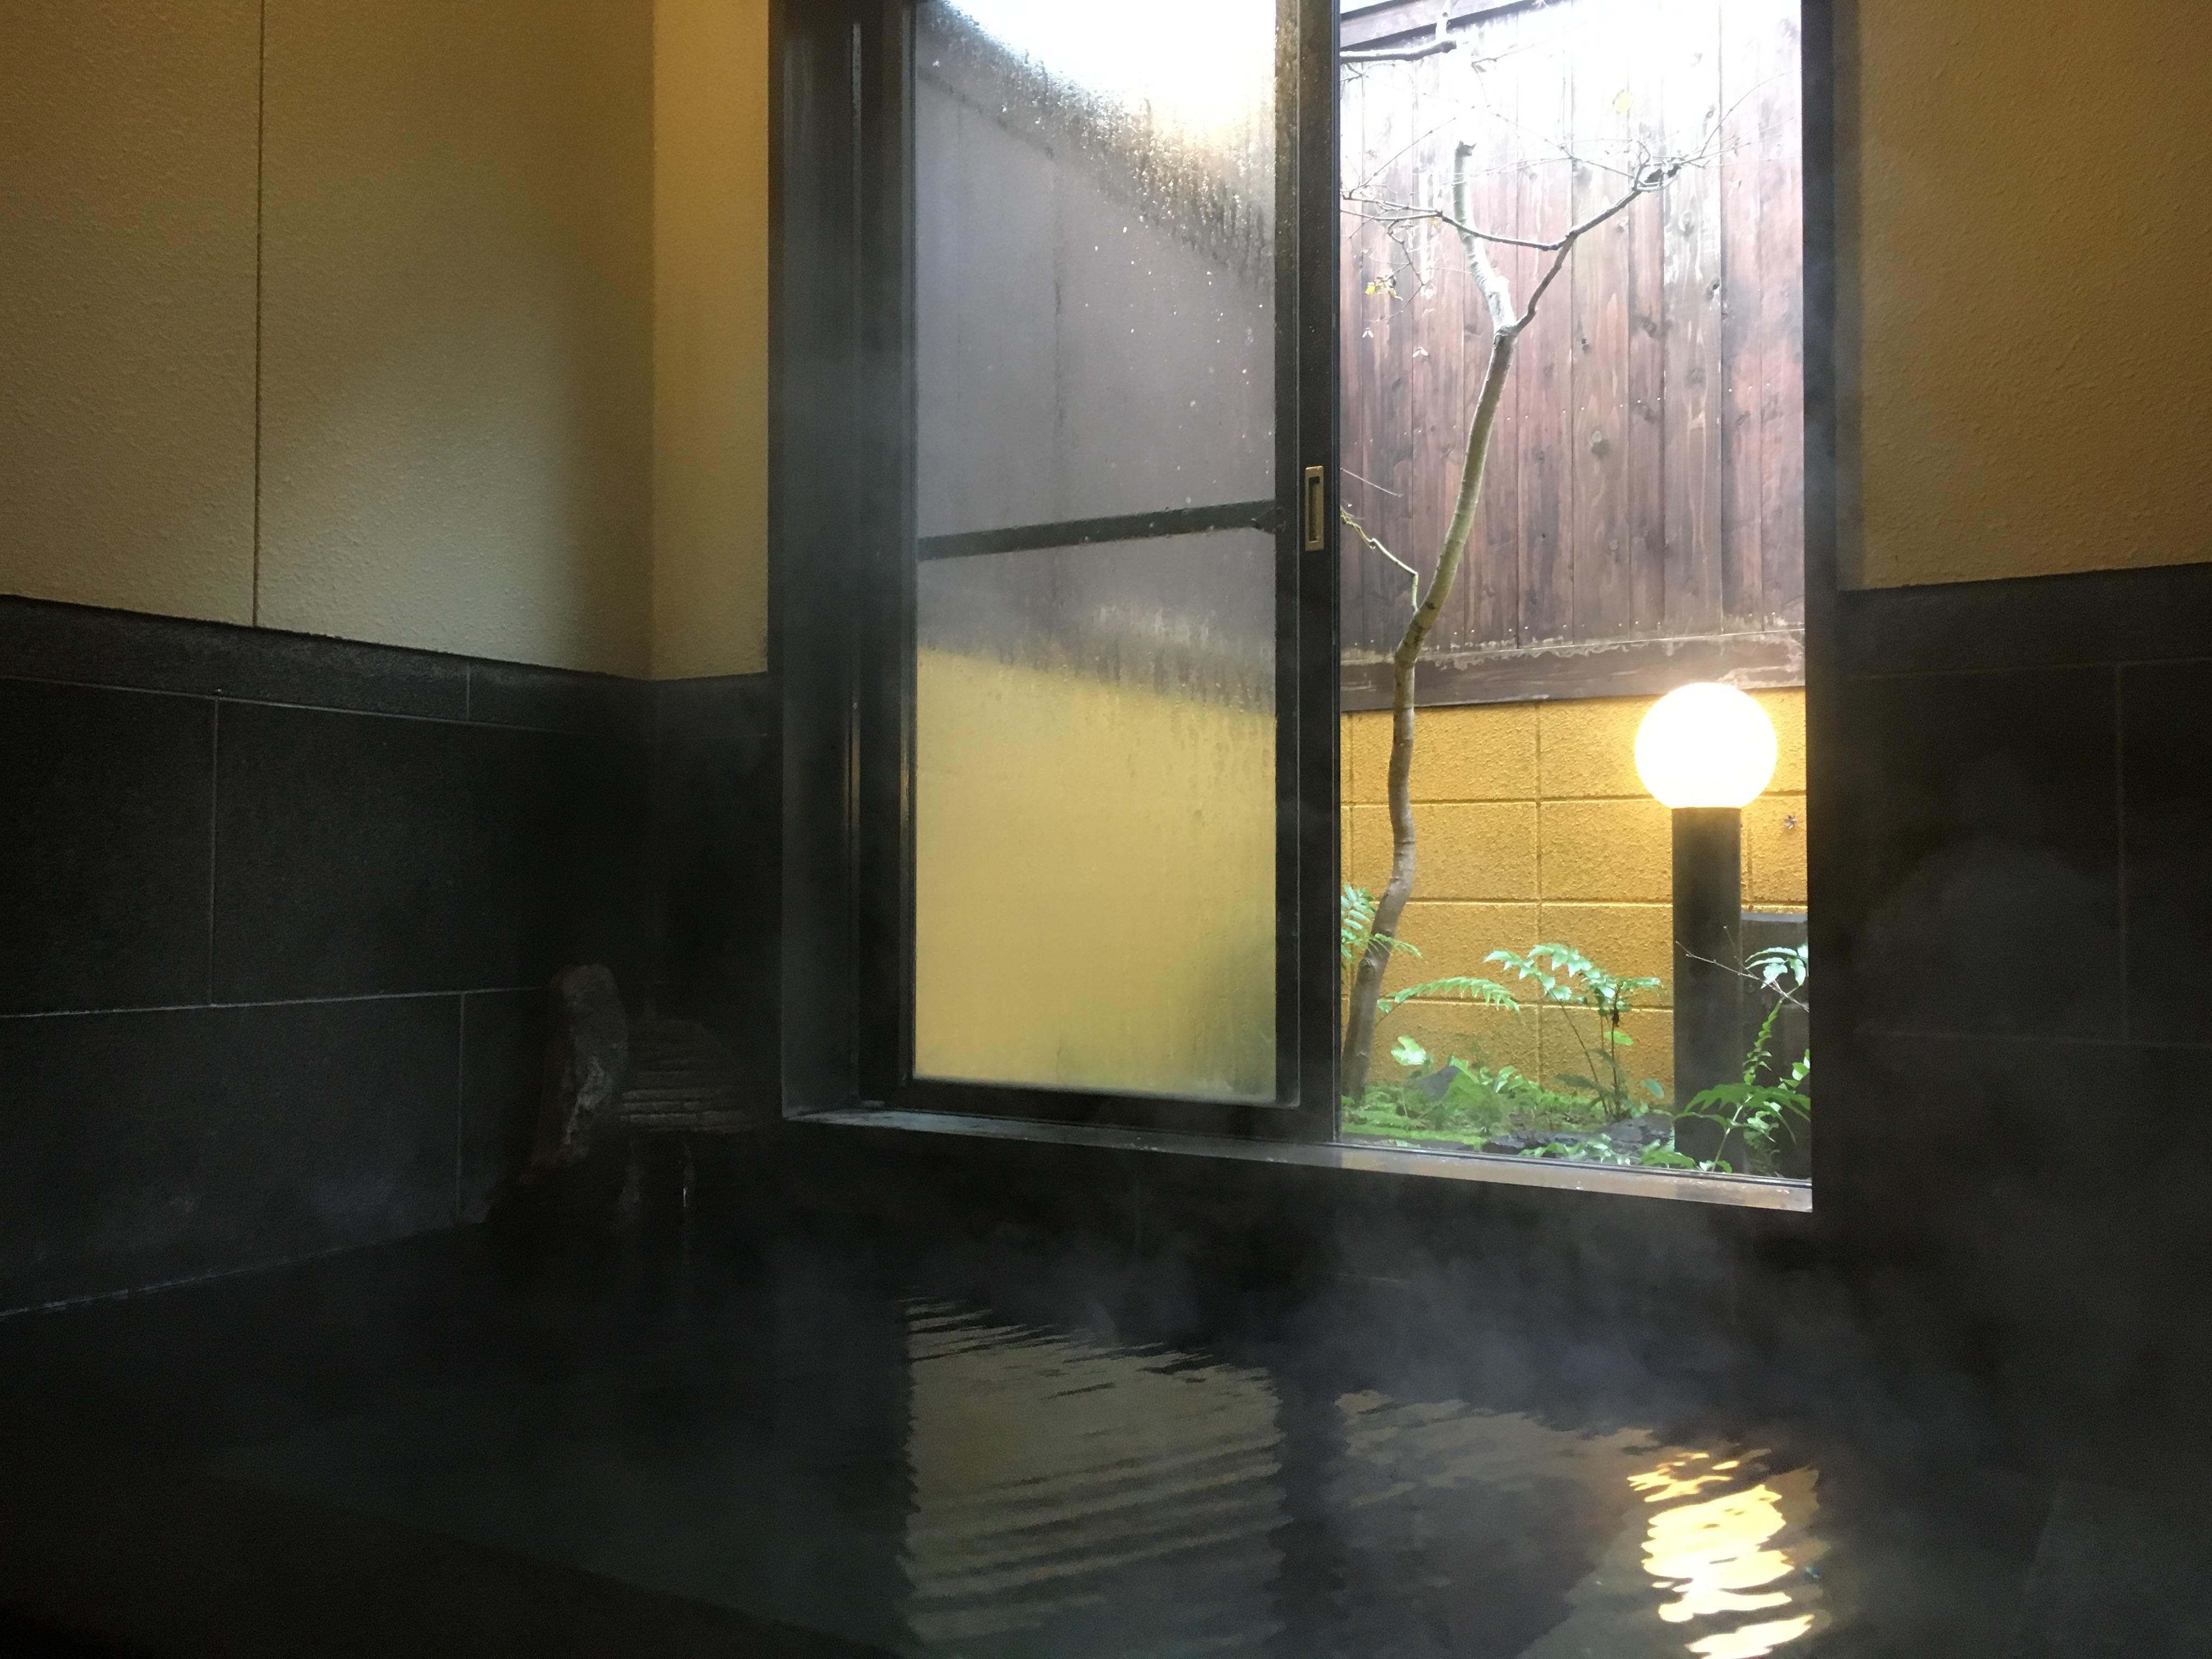 【藤の瀬】植木温泉・お庭を眺めながらのんびりできる源泉かけ流しの家族風呂